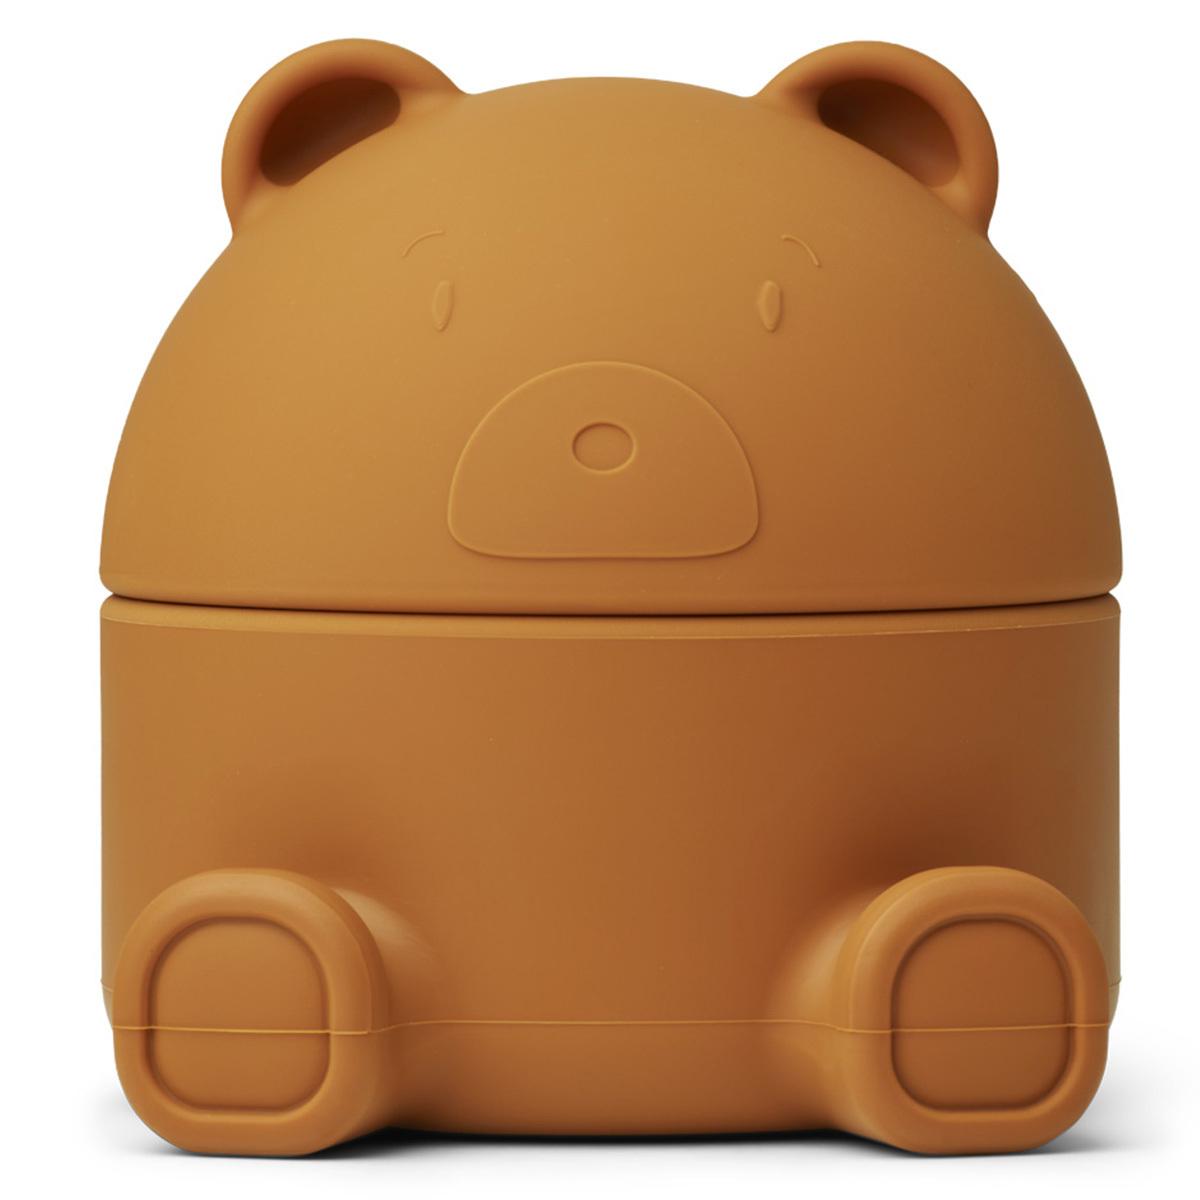 Objet décoration Boîte à Trésor Murphy - Mr Bear Mustard Boîte à Trésor Murphy - Mr Bear Mustard